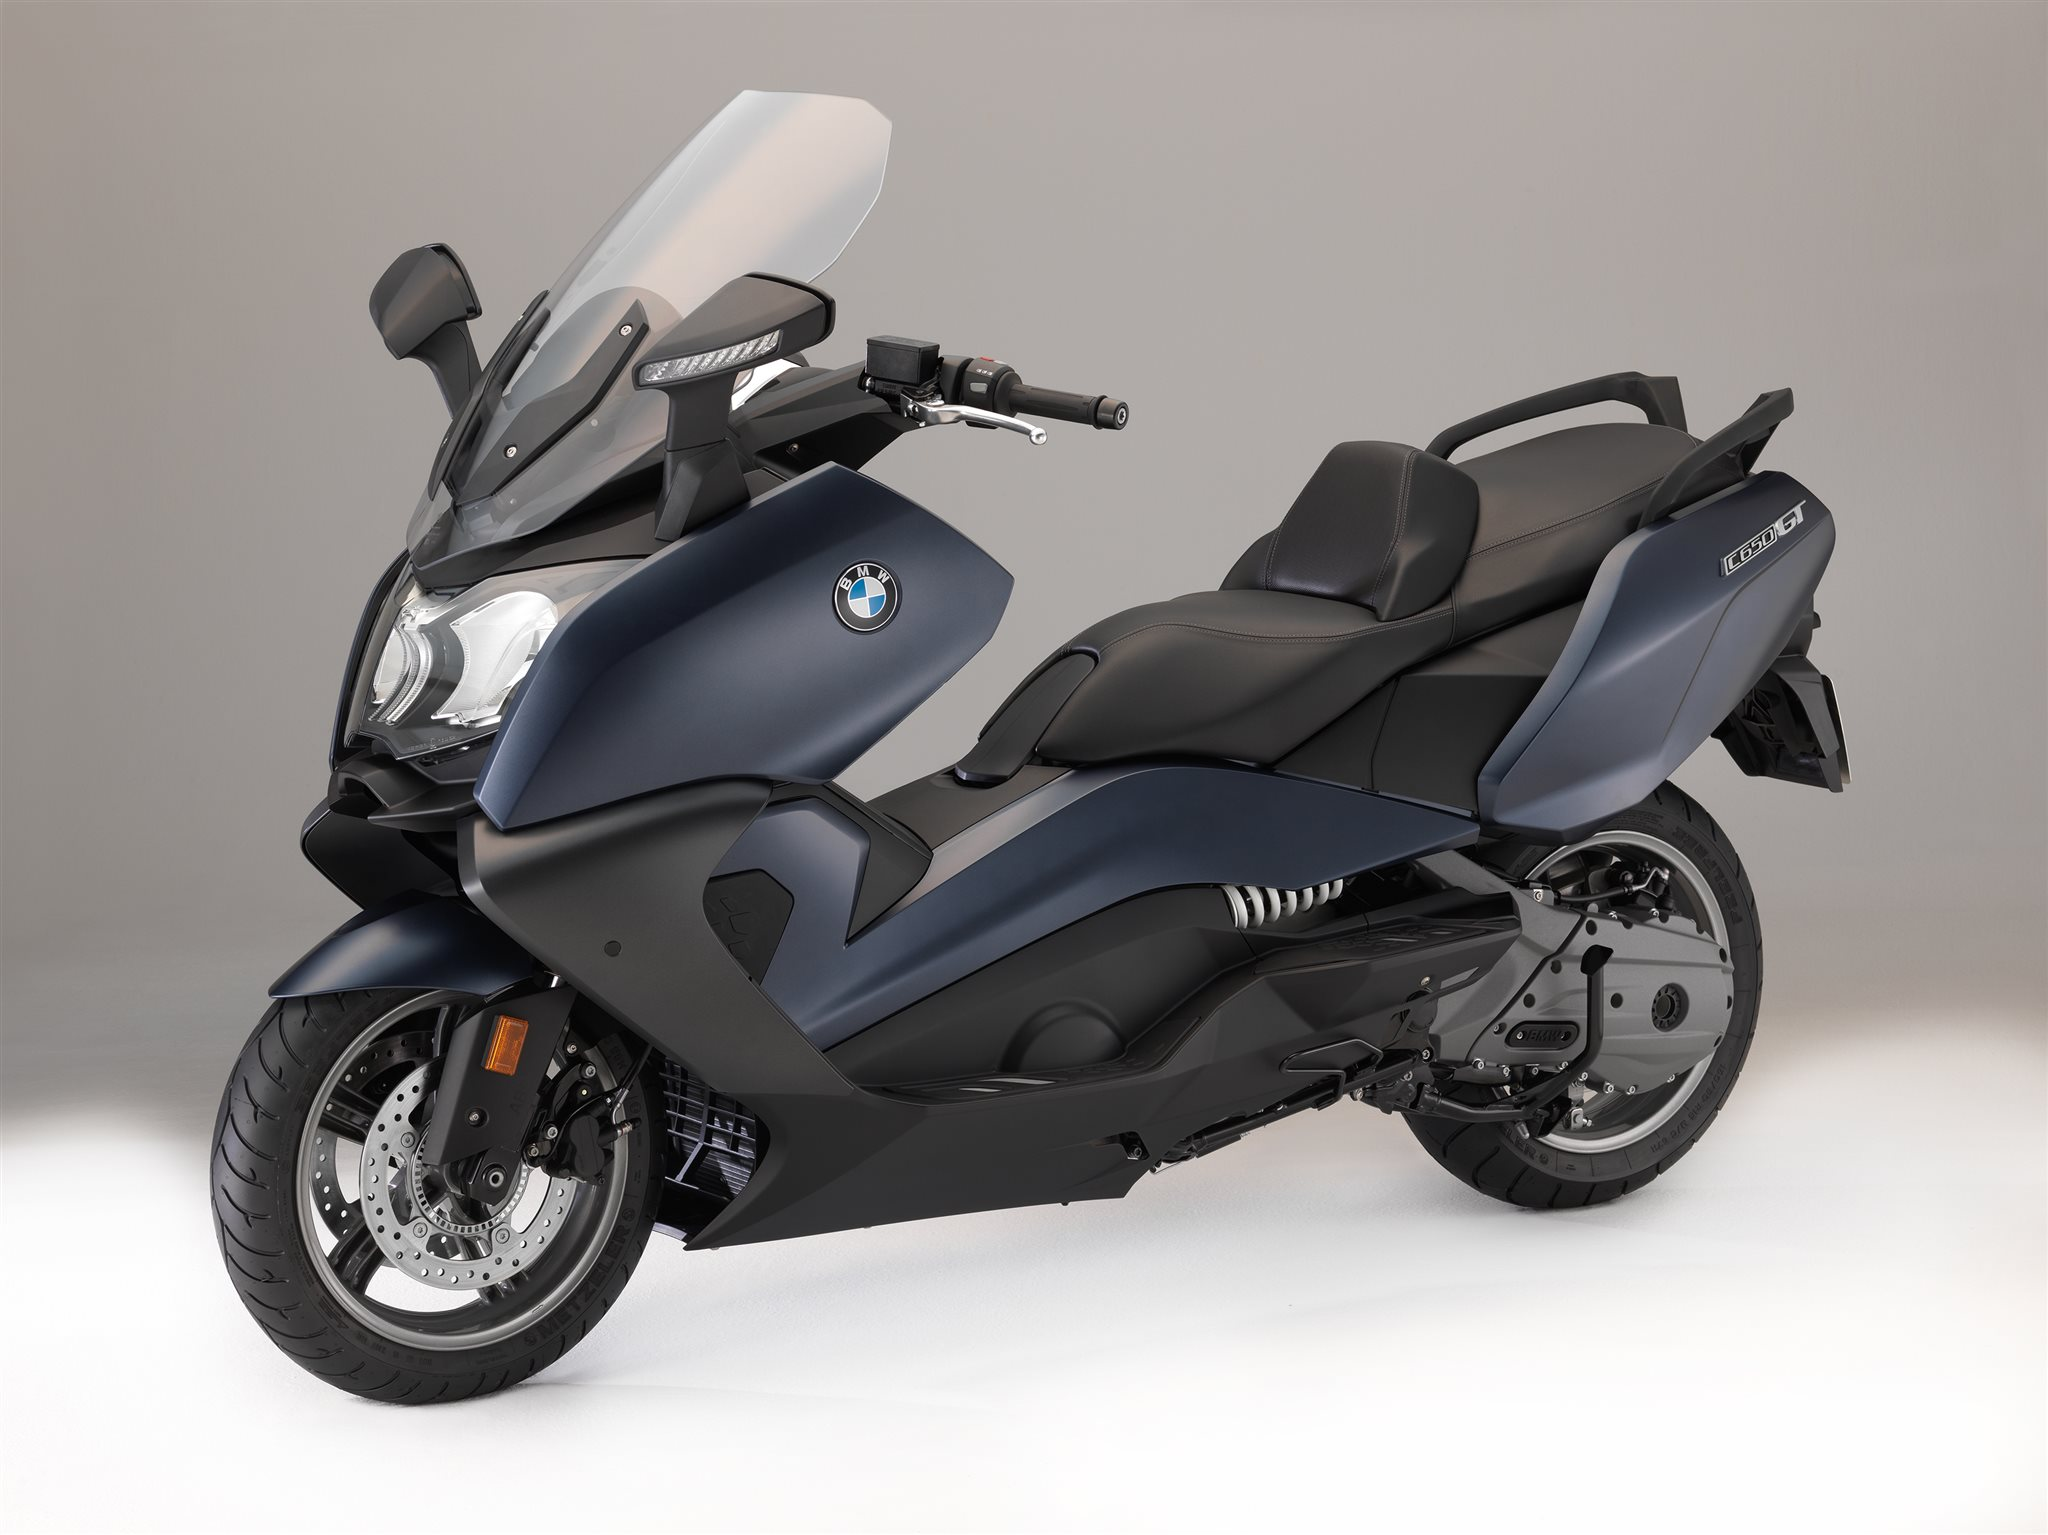 Gebrauchte Und Neue Bmw C 650 Gt Motorräder Kaufen